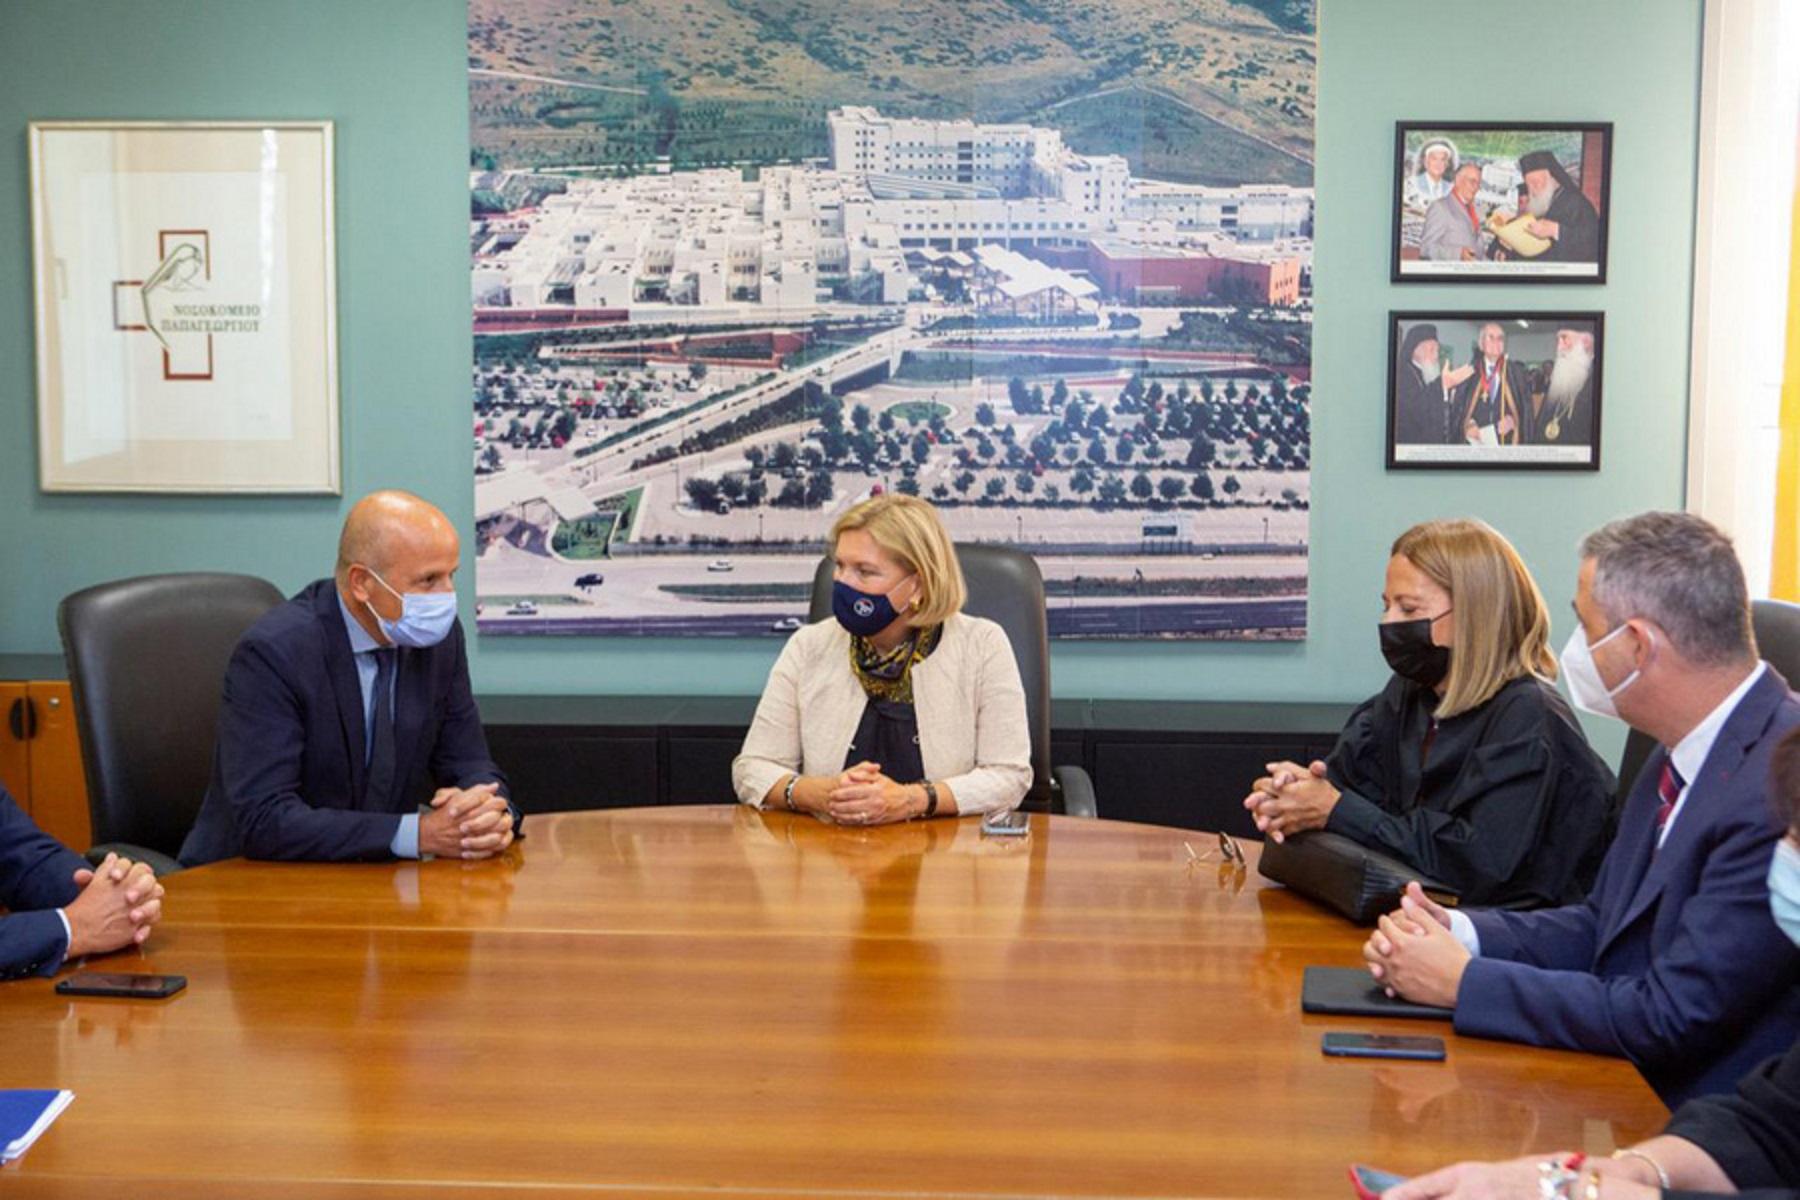 Κορονοϊός – Μίνα Γκάγκα: Επίσκεψη σε νοσοκομεία στη Βόρεια Ελλάδα για την ενίσχυση τους